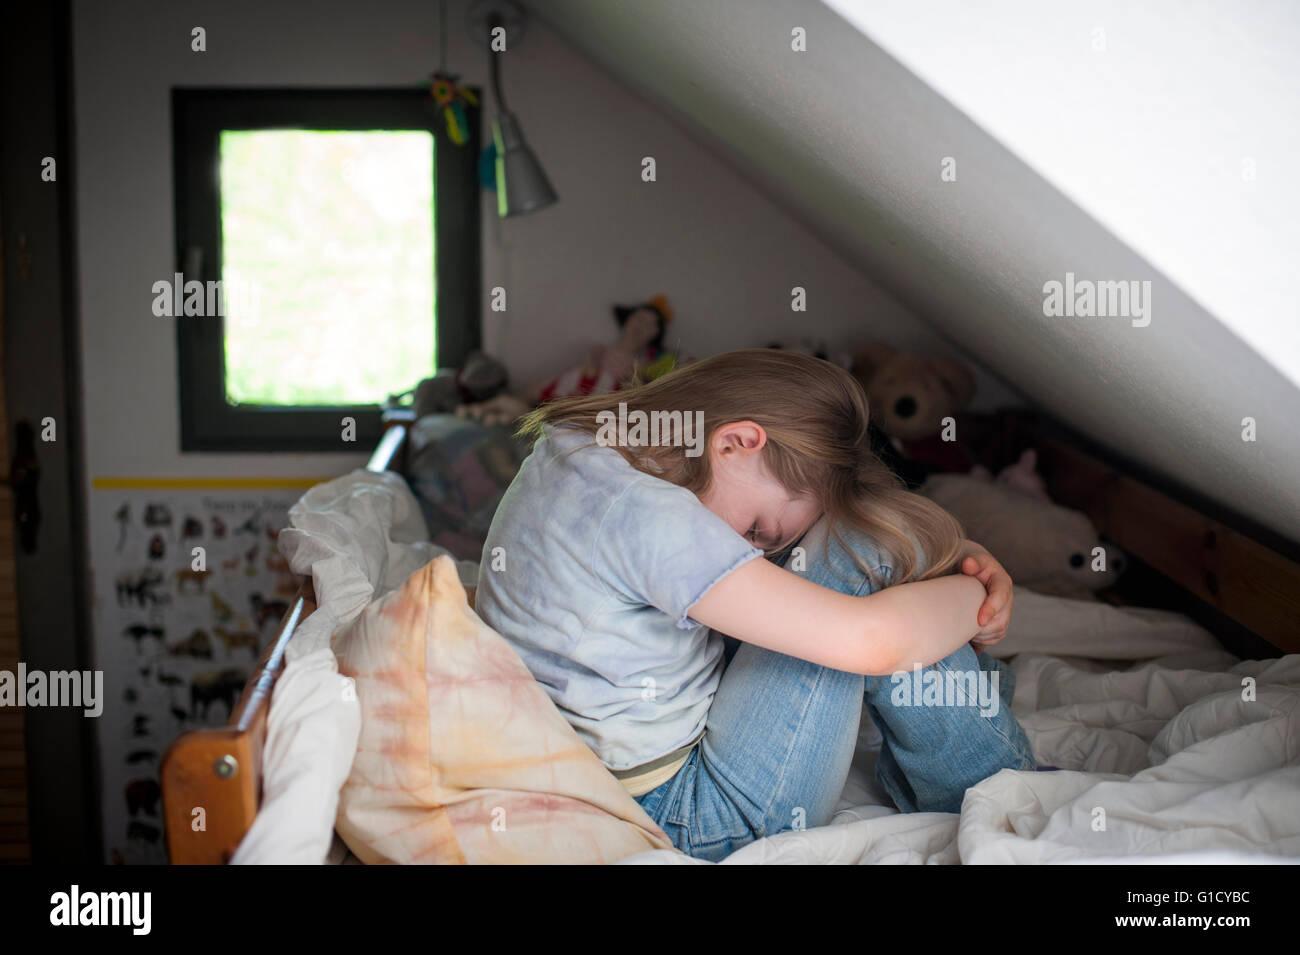 Ragazza giovane sconvolto di essa la sua camera da letto. Immagini Stock